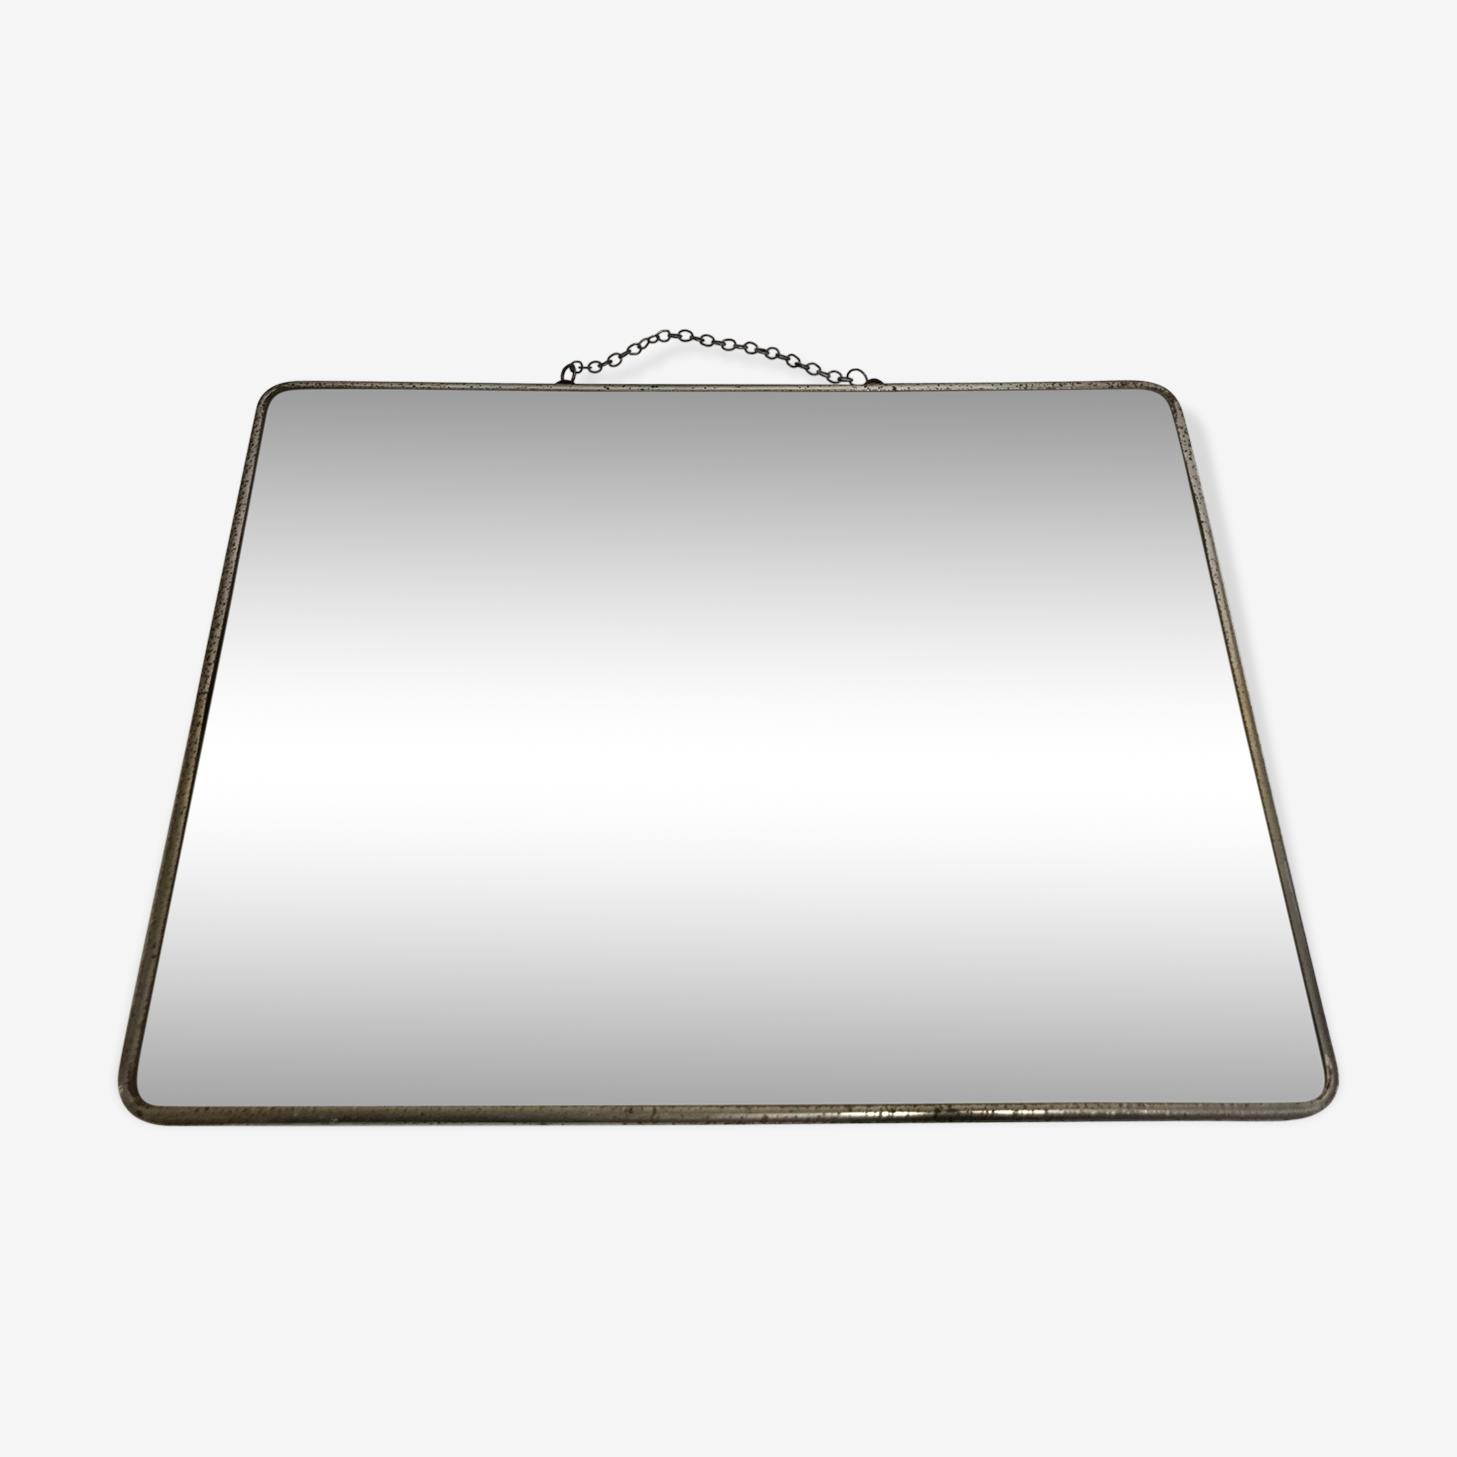 Miroir de barbier ancien avec chaine métal  30x39cm